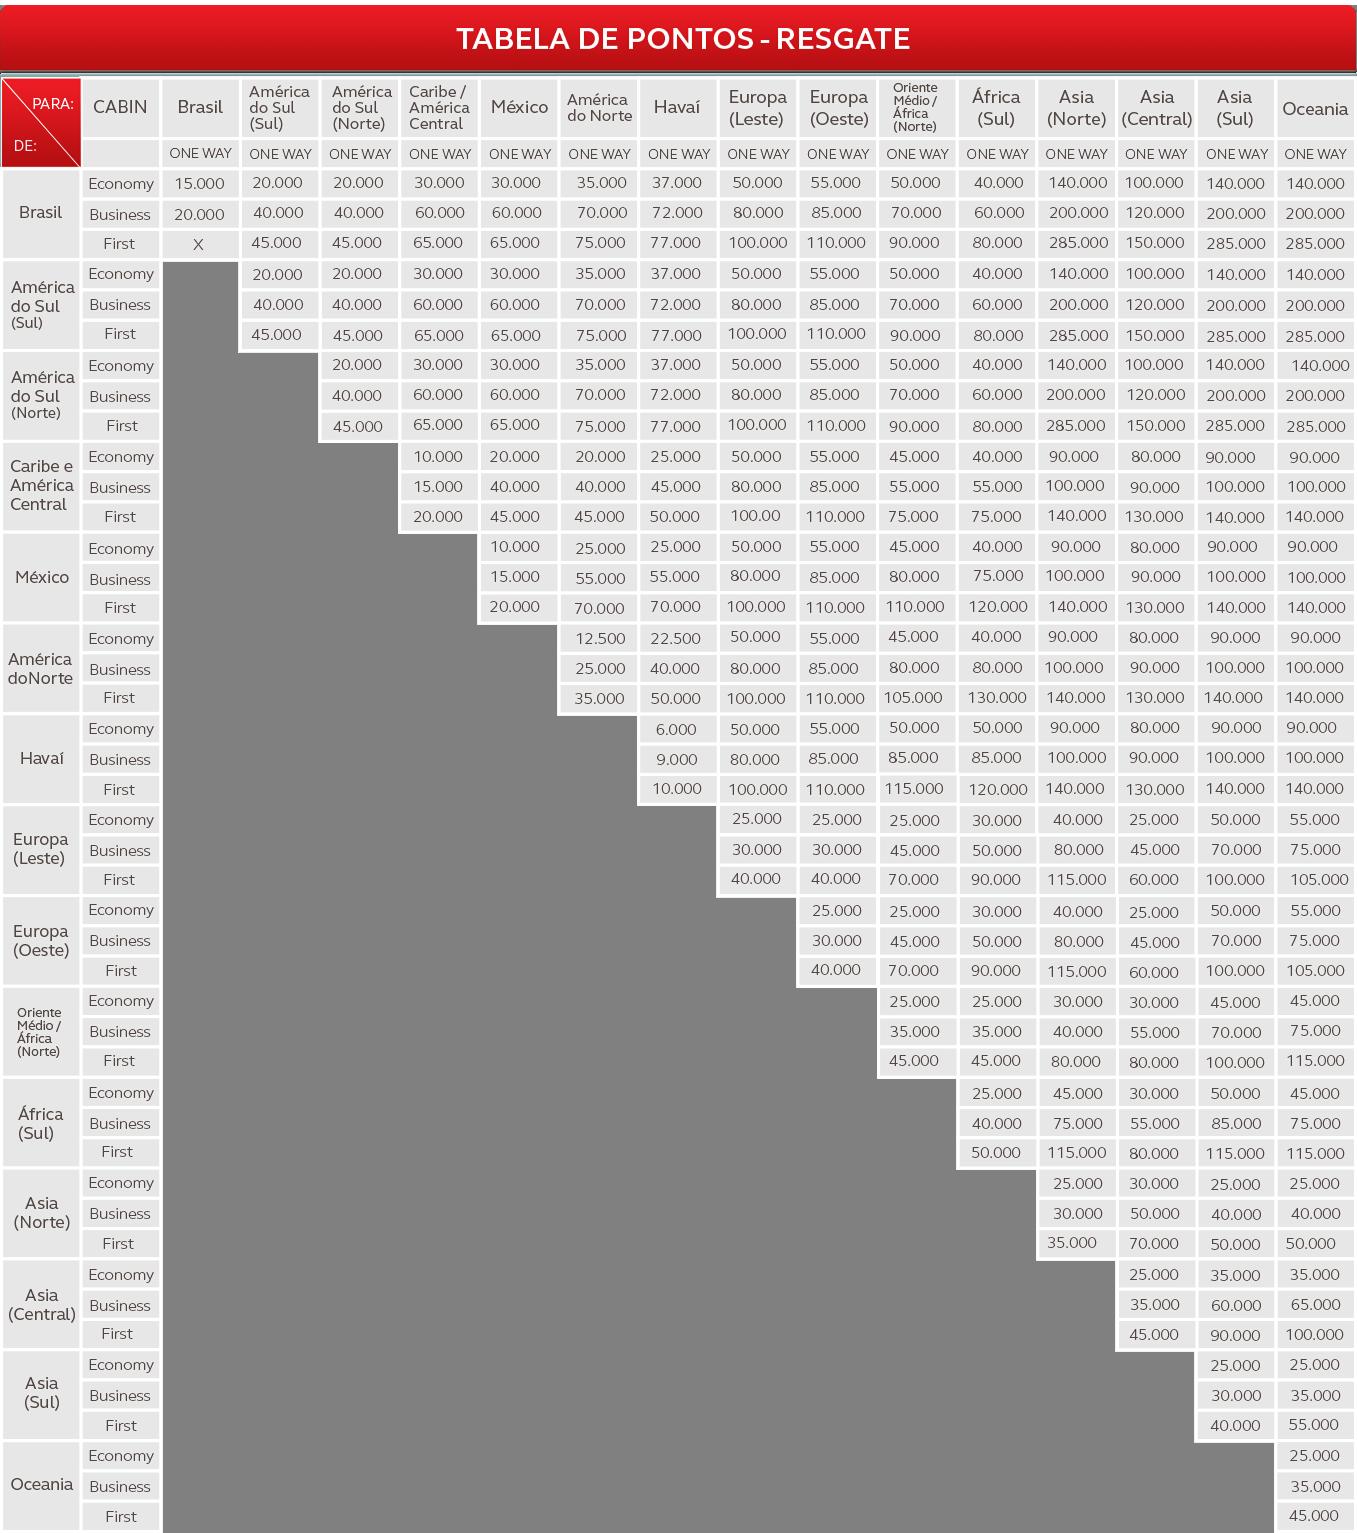 Tabela-Resgate-Amigo-StarAlliance